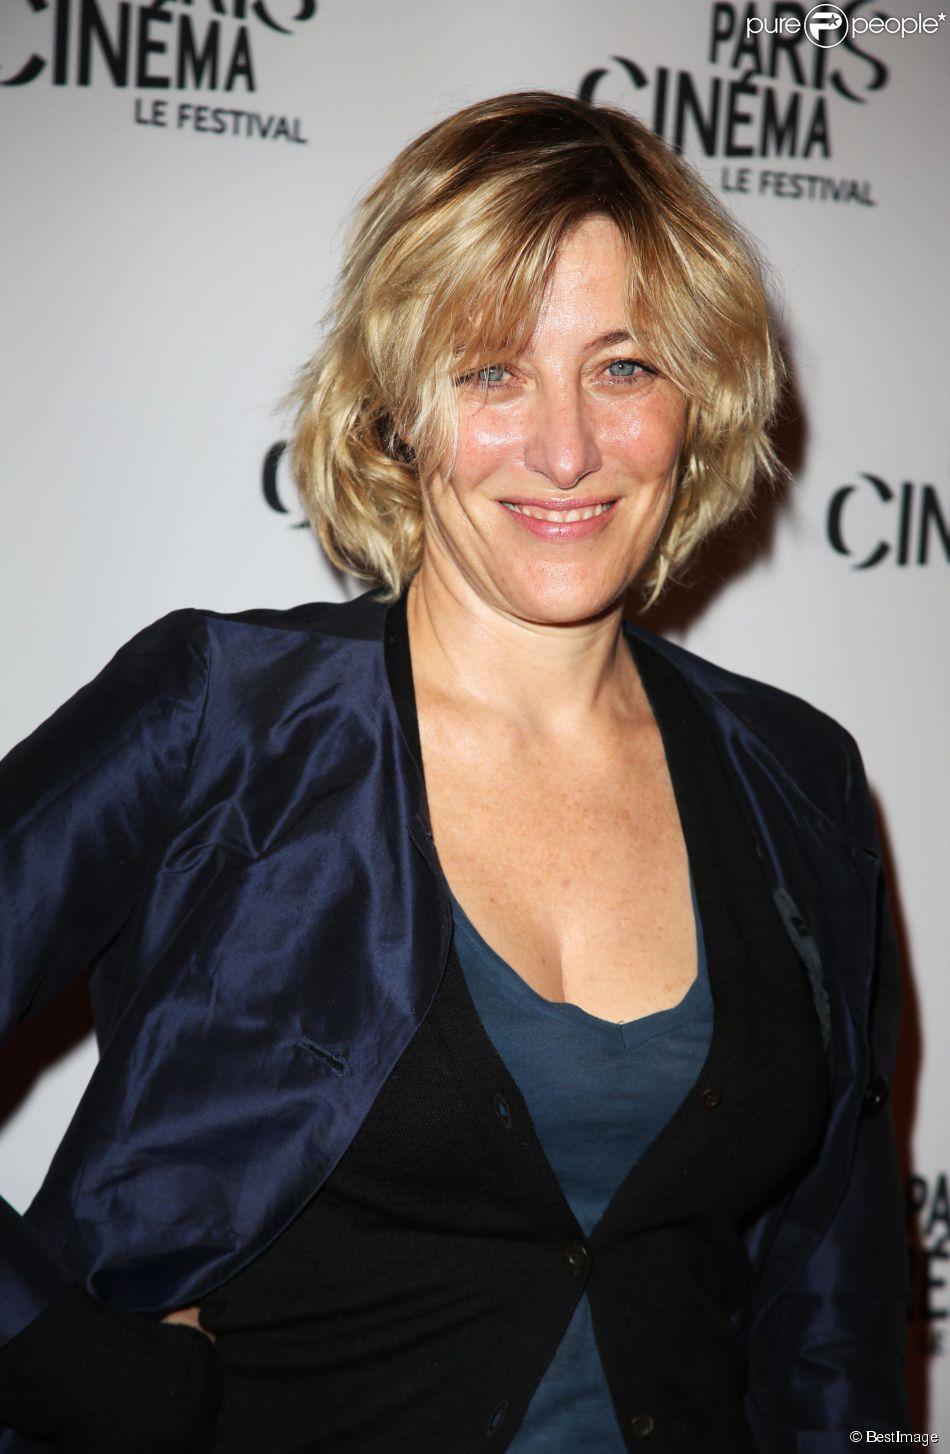 Yvette Lopez (b. ?),Beth Marion XXX archive Eleonora Rossi Drago,Claire Cooper